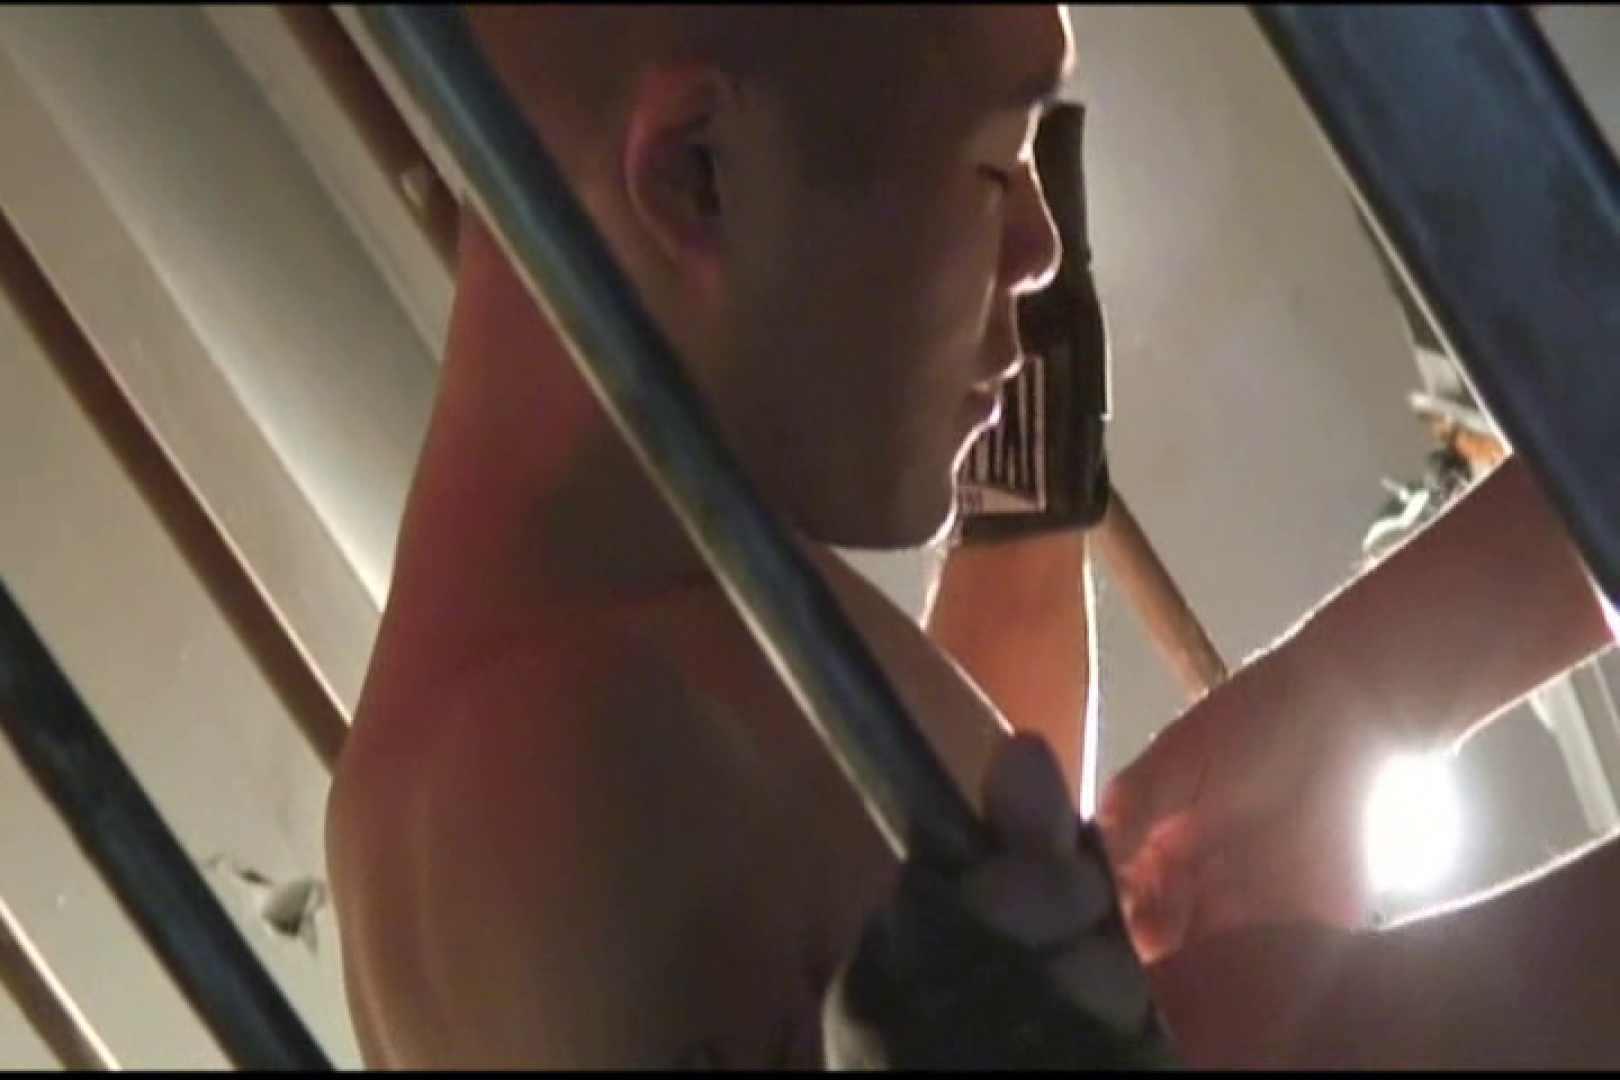 亀田興毅似なボクサーが乳首を弄られ感じる姿。 完全無修正版 ペニス画像 96枚 13